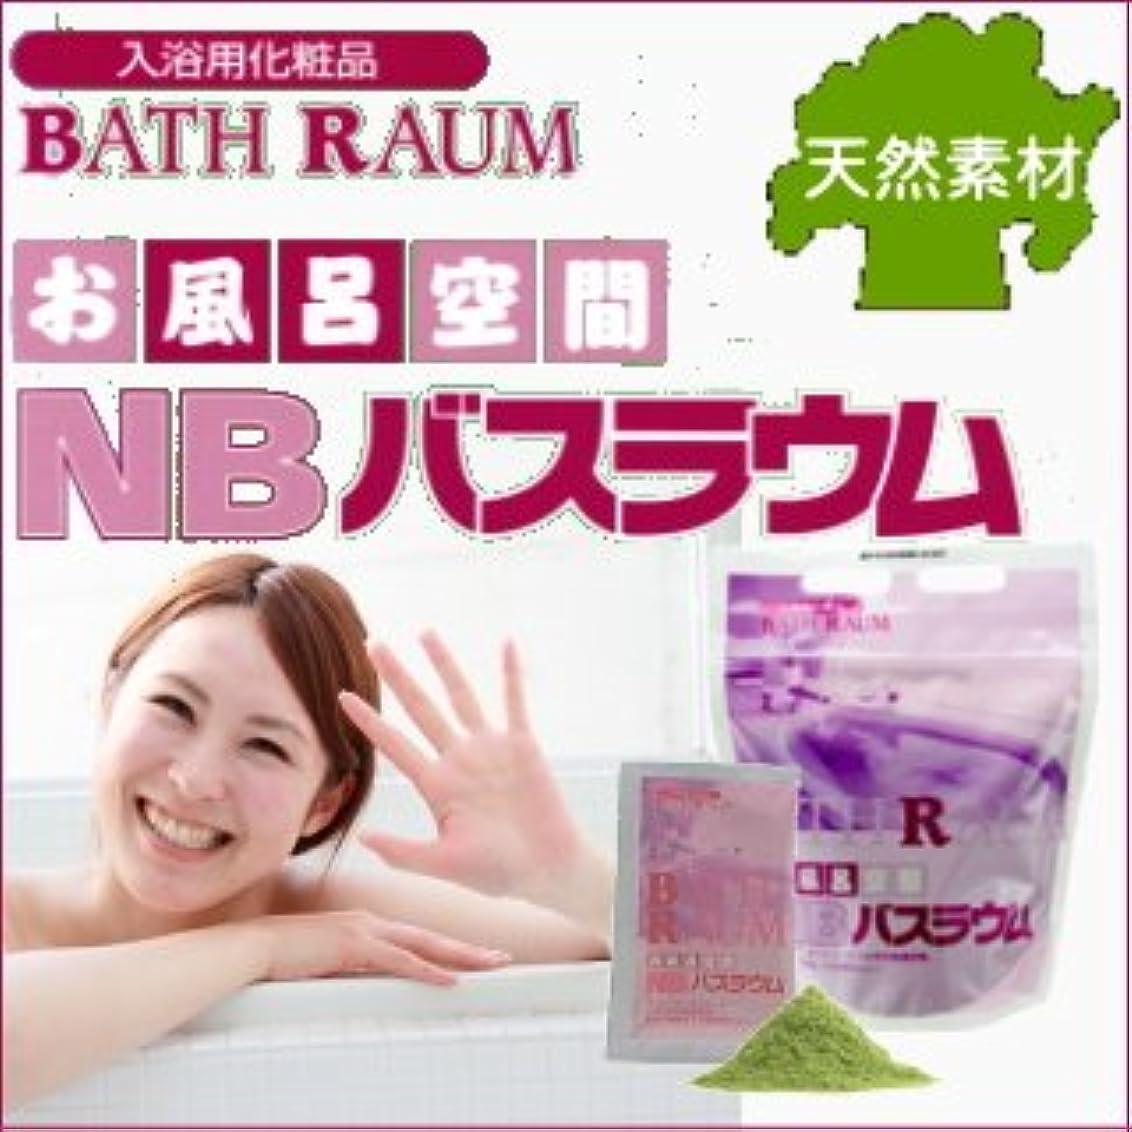 ぎこちない養う公式入浴用化粧品バスラウム 徳用1袋 約1ヶ月分(1.5Kg×1袋)